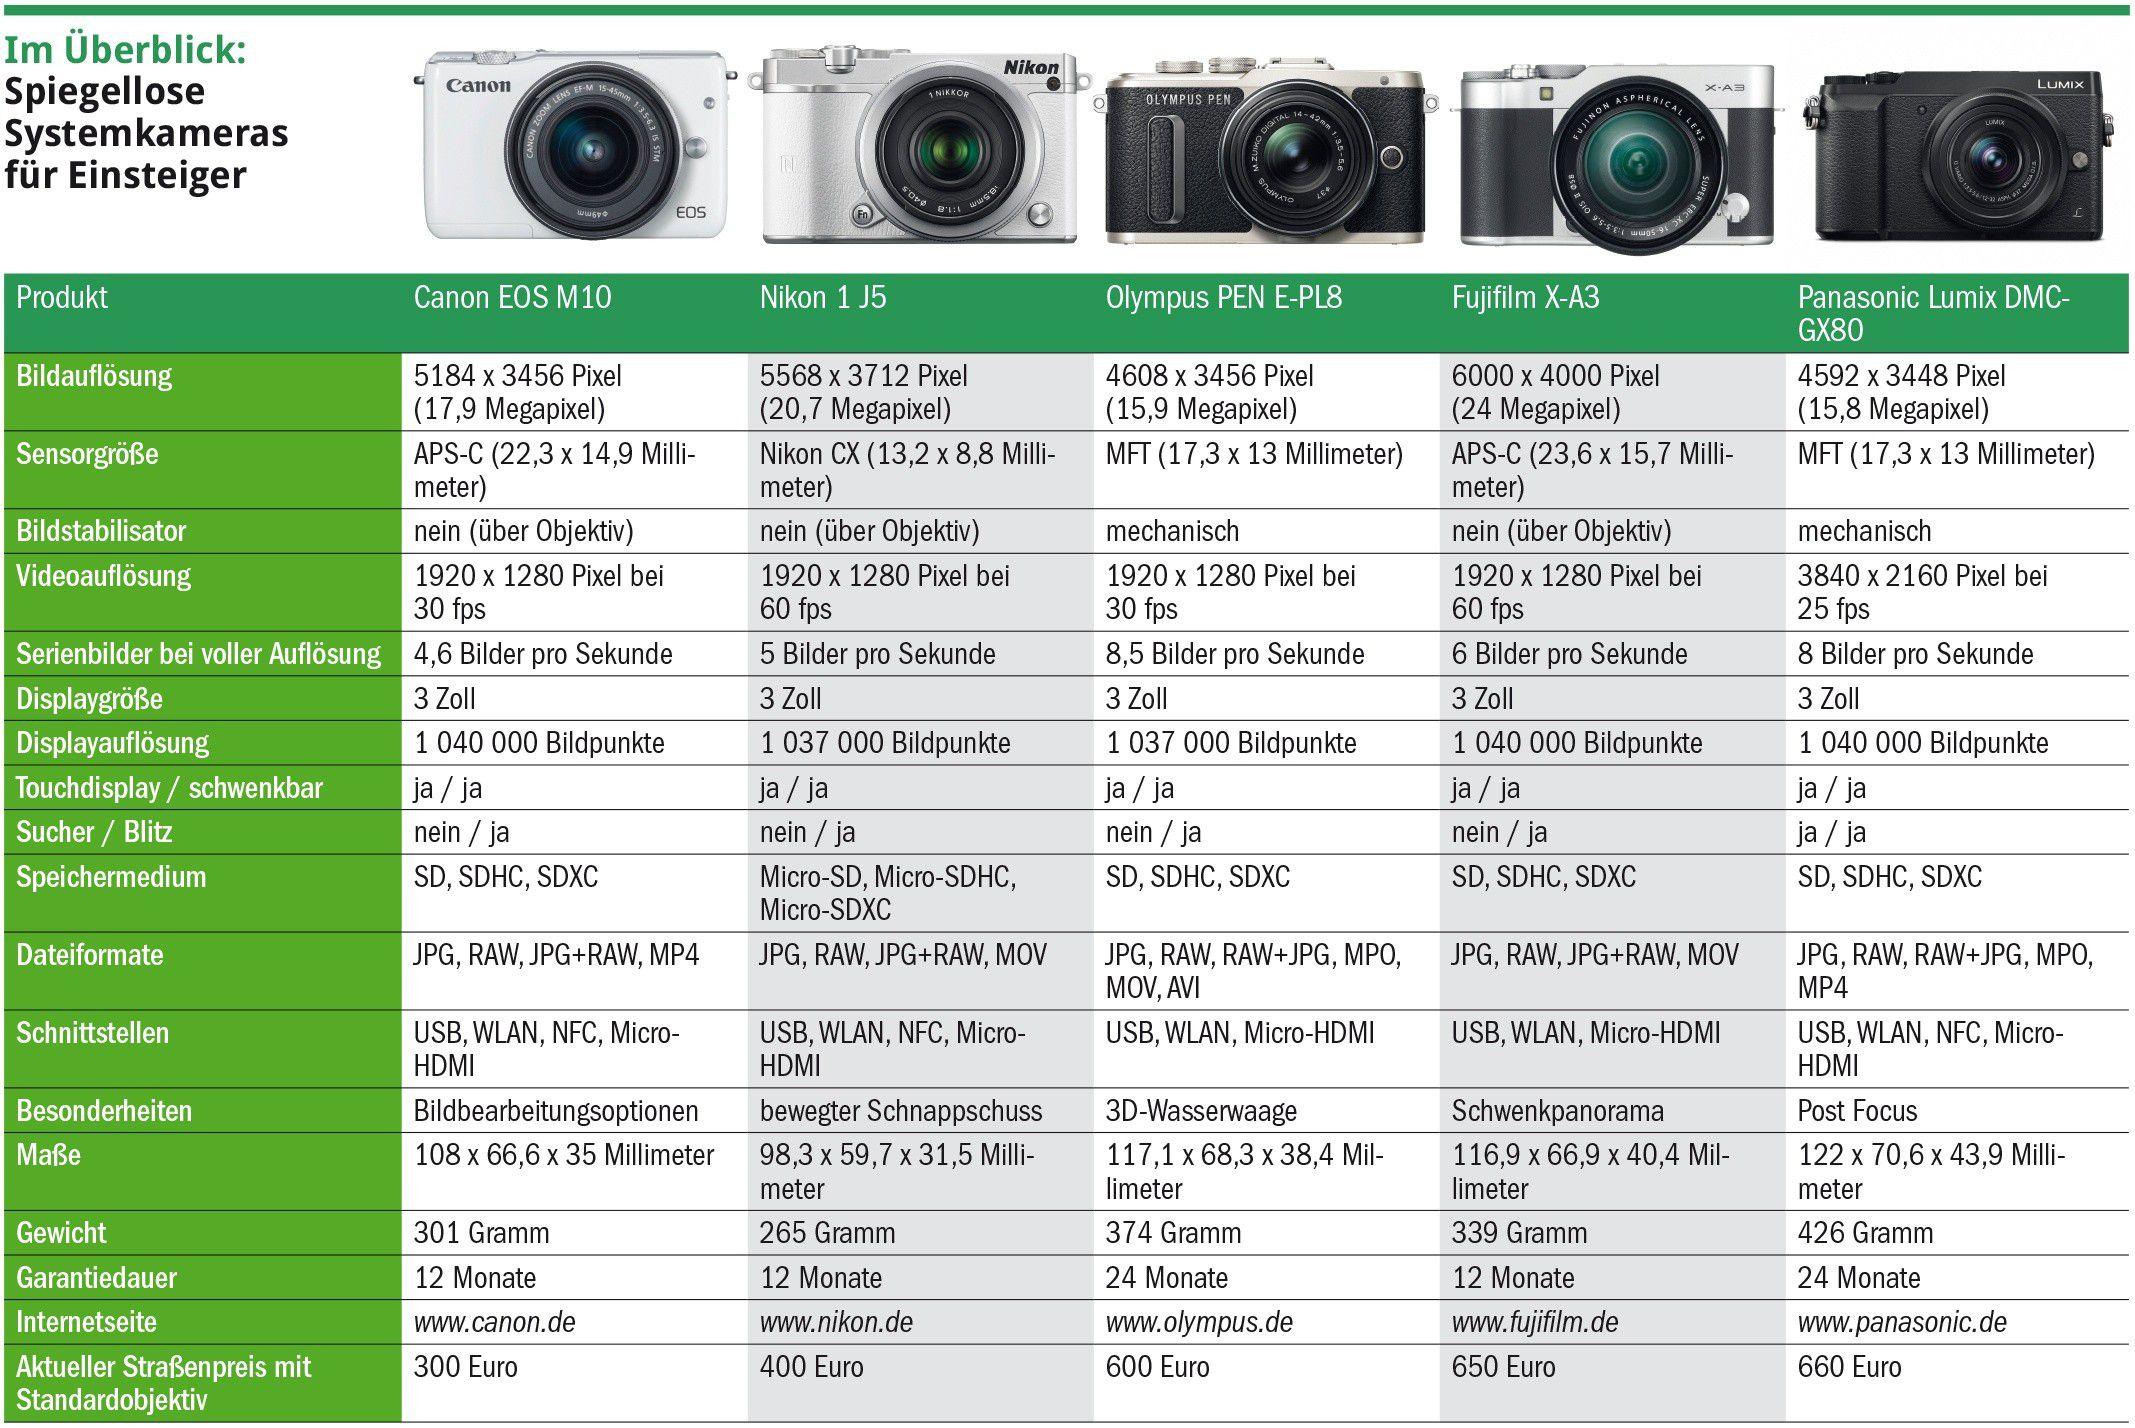 Kaufberatung: Diese Kamera passt zu Ihnen - PC-WELT